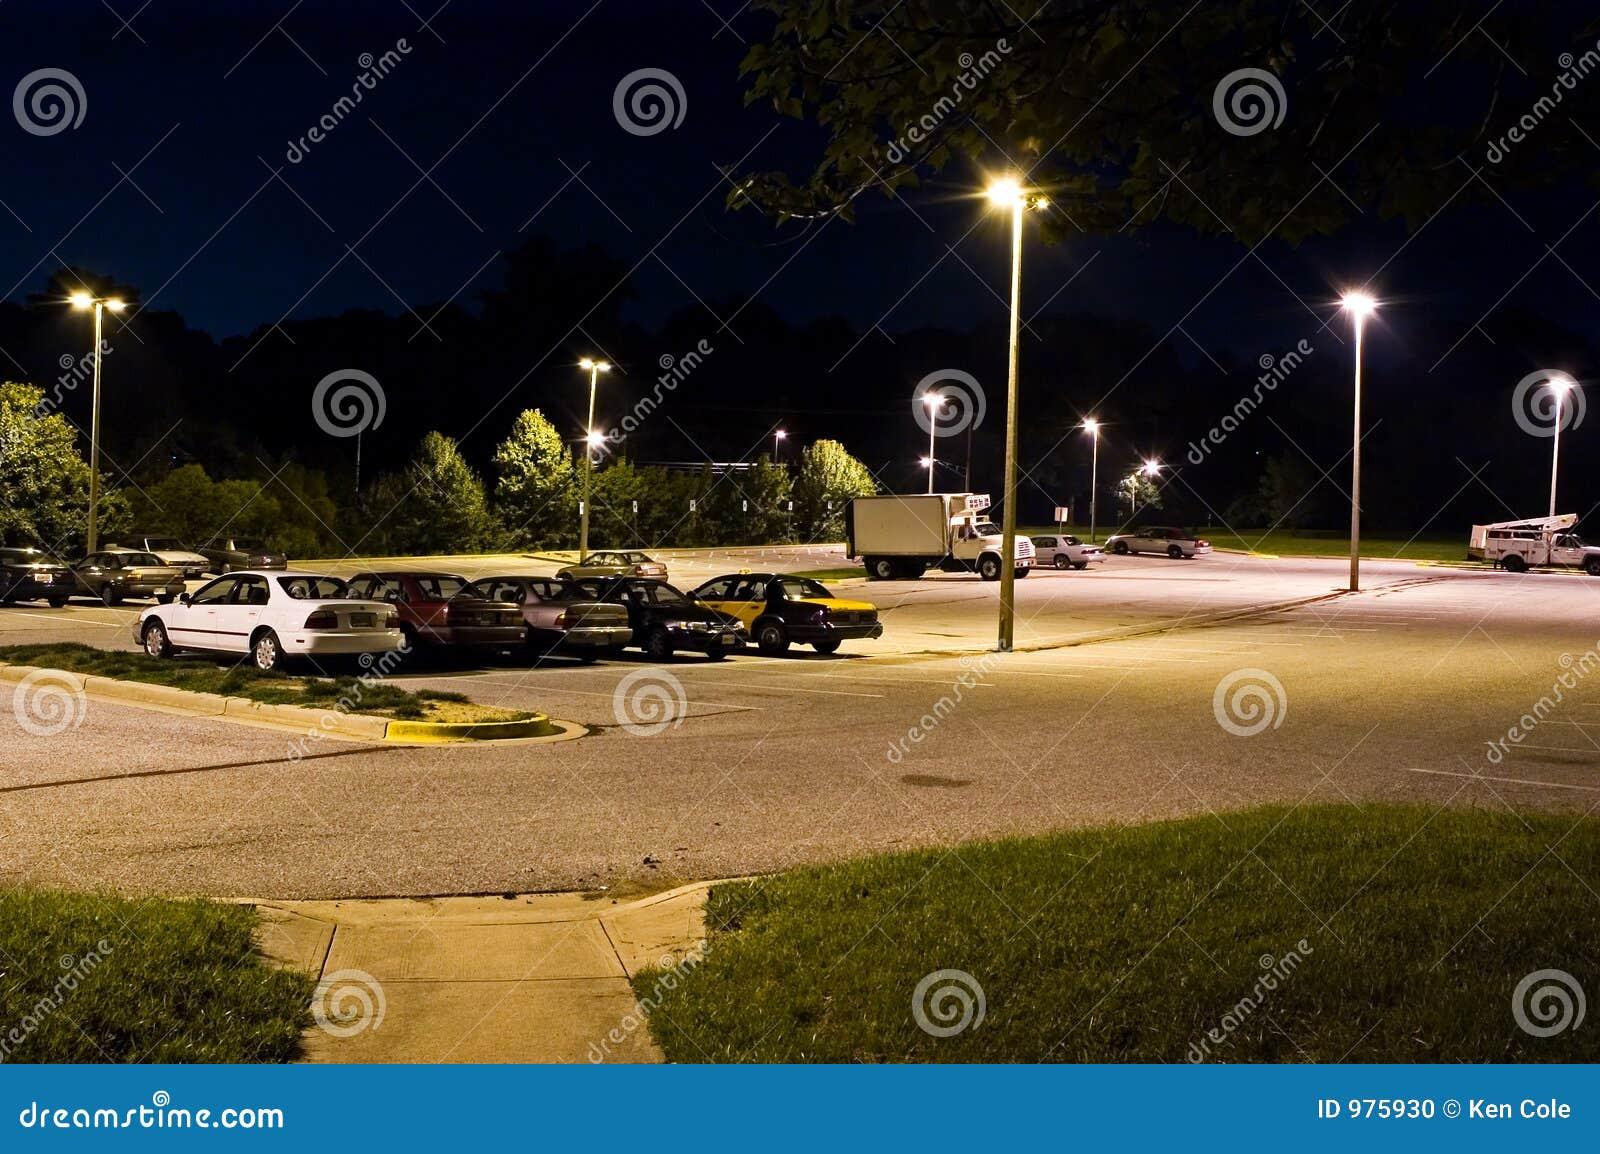 Stationnement et sort de conduite la nuit - 2